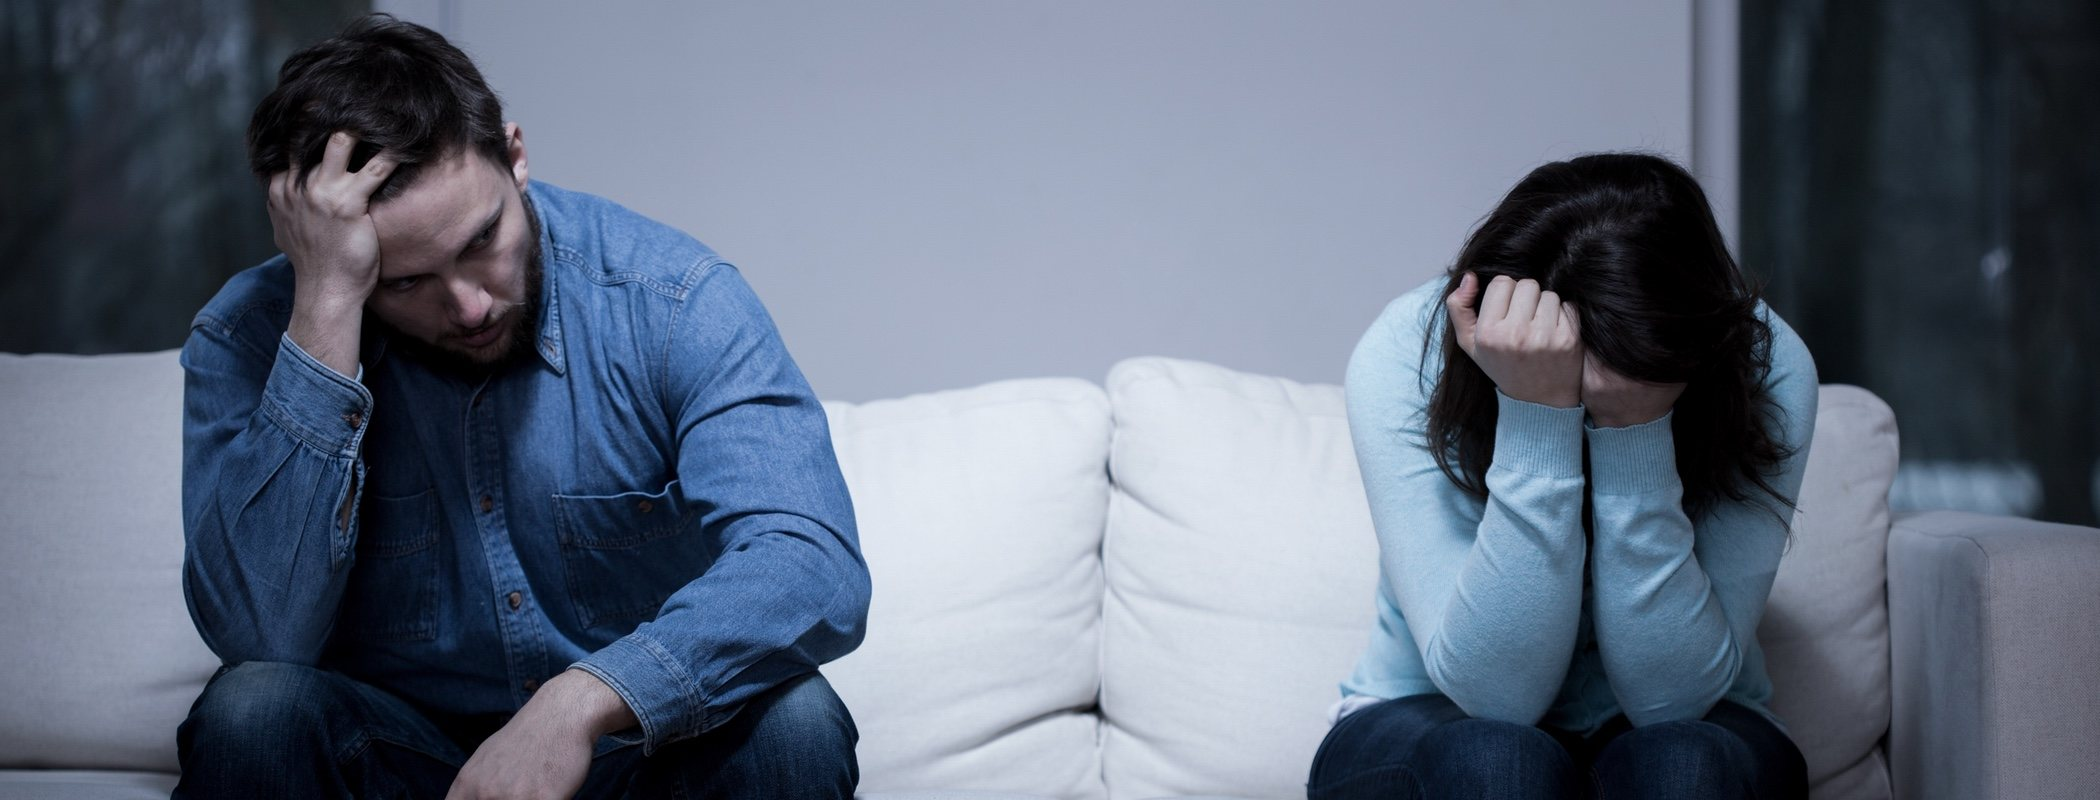 Crisis de pareja tras el primer hijo: formas de ponerle remedio